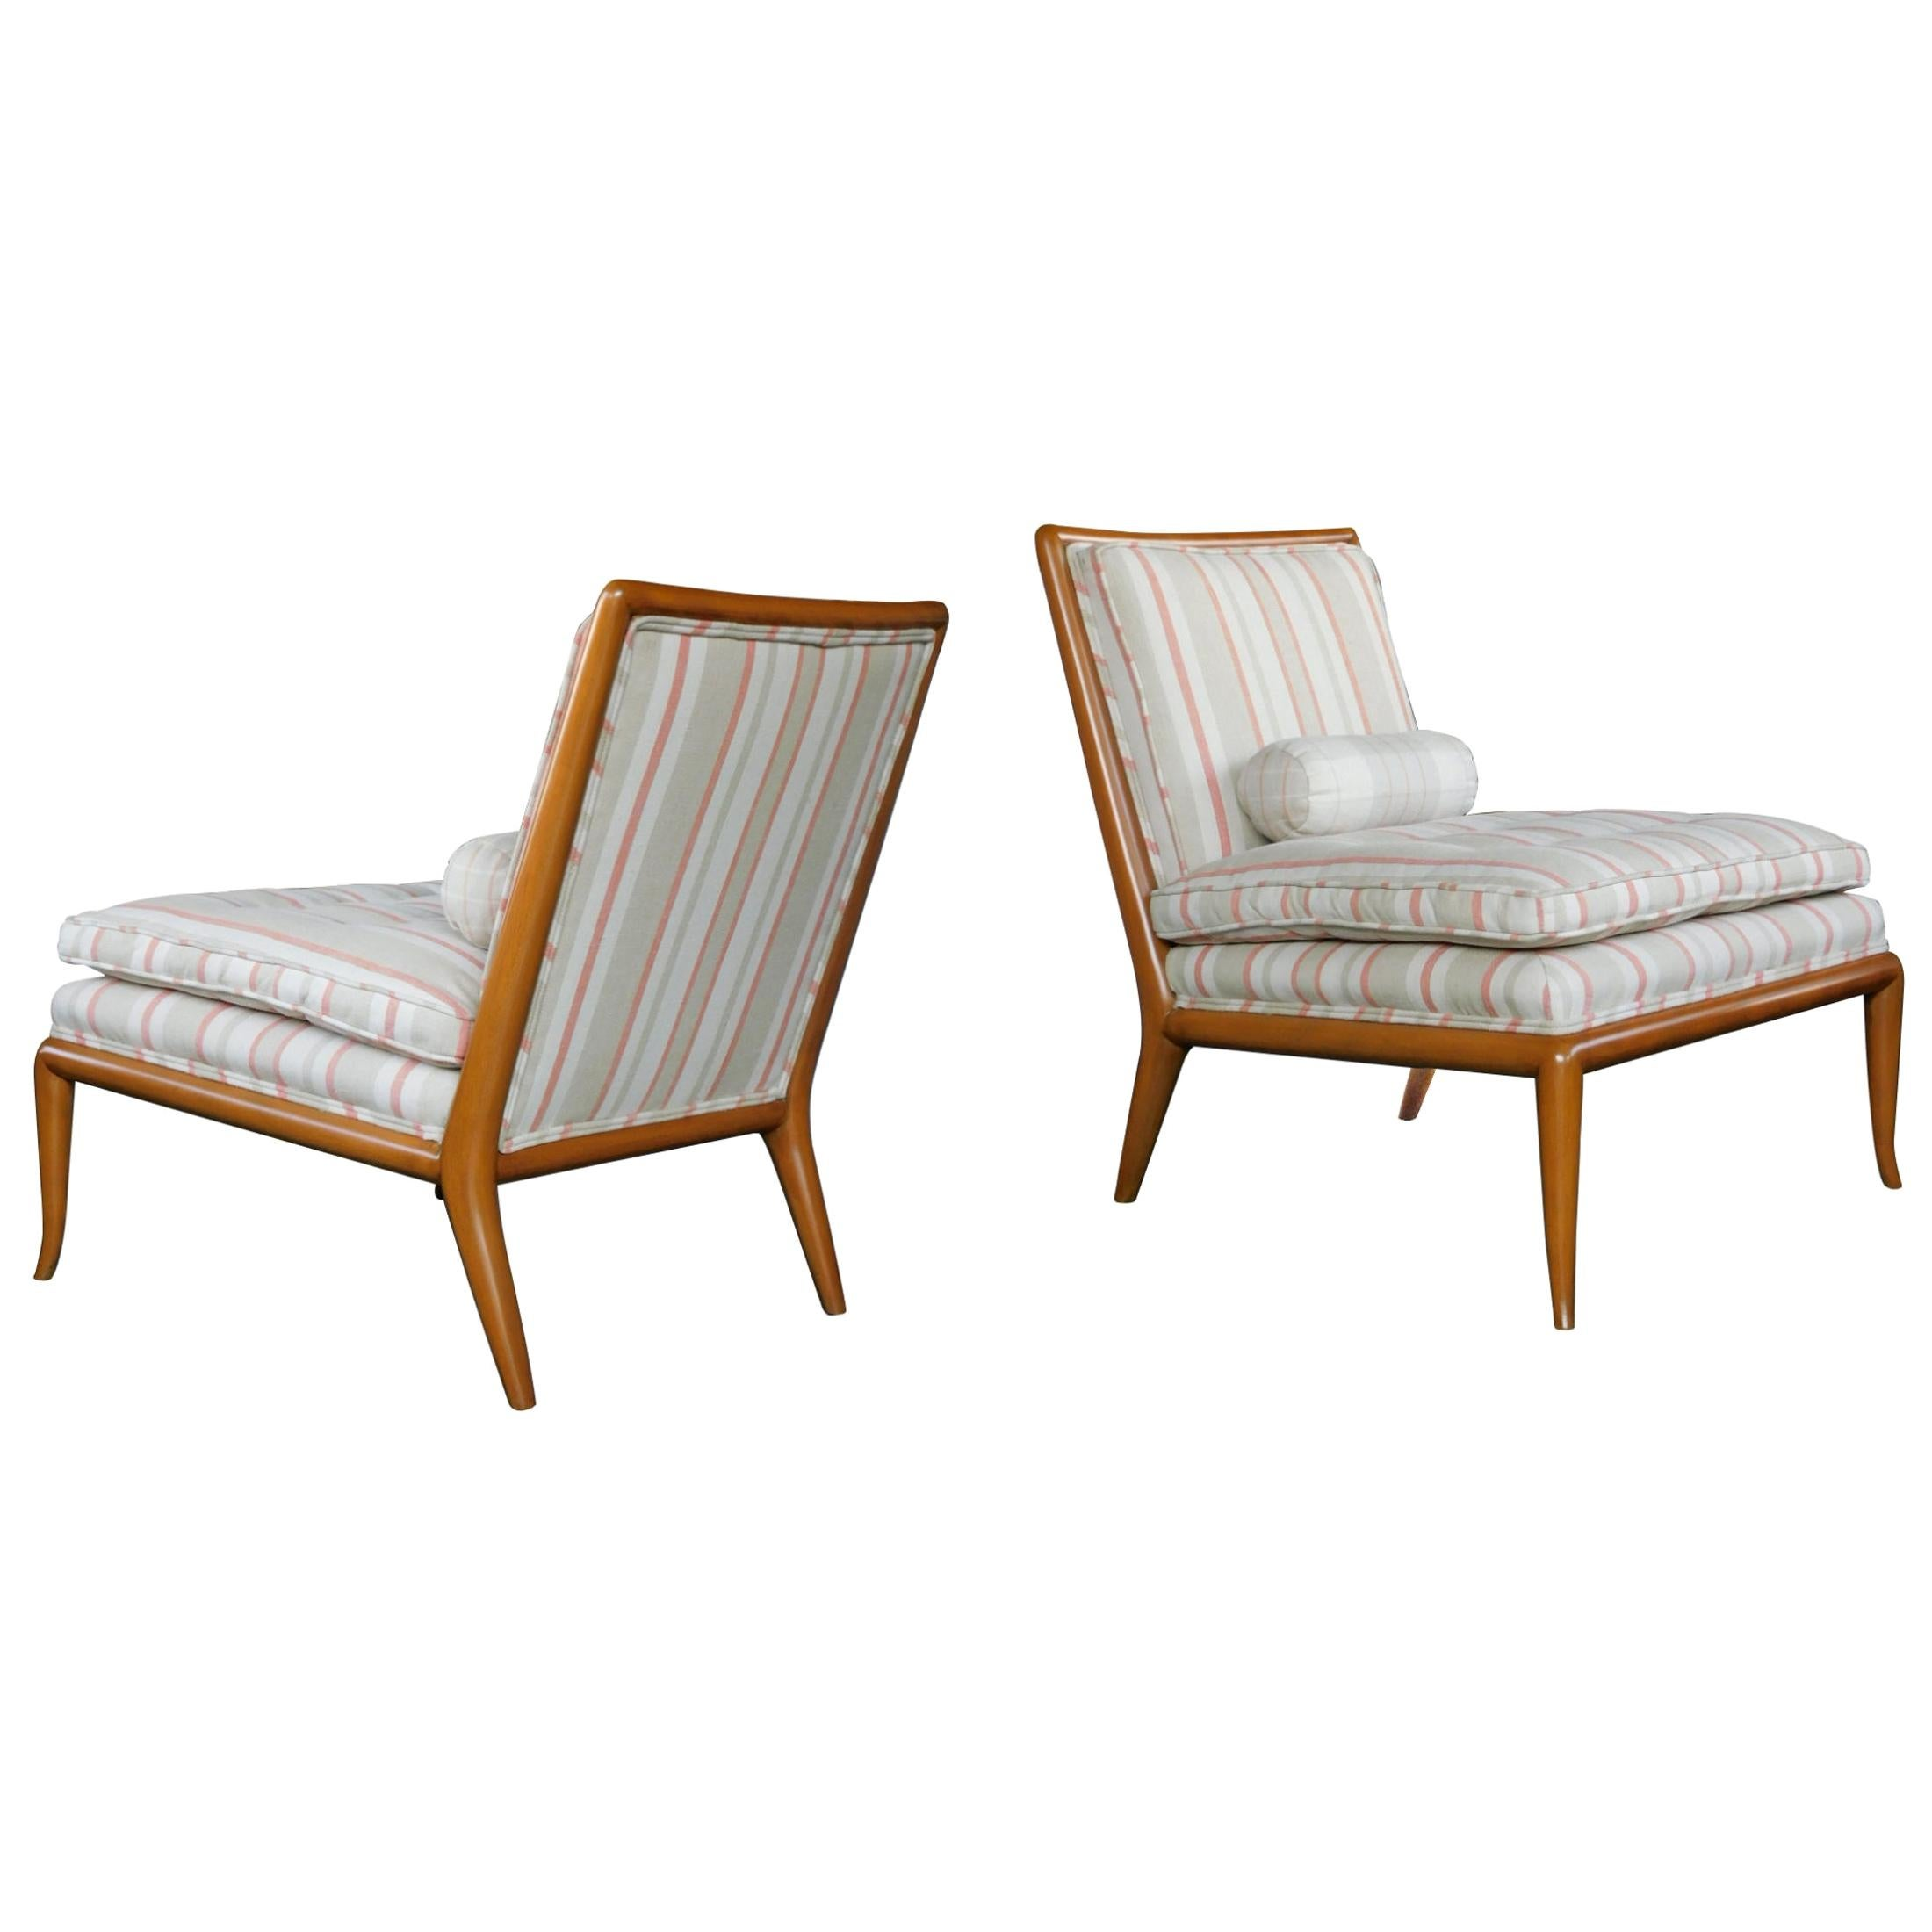 Pair of Robsjohn-Gibbings for Widdicomb Midcentury Walnut Slipper Chairs